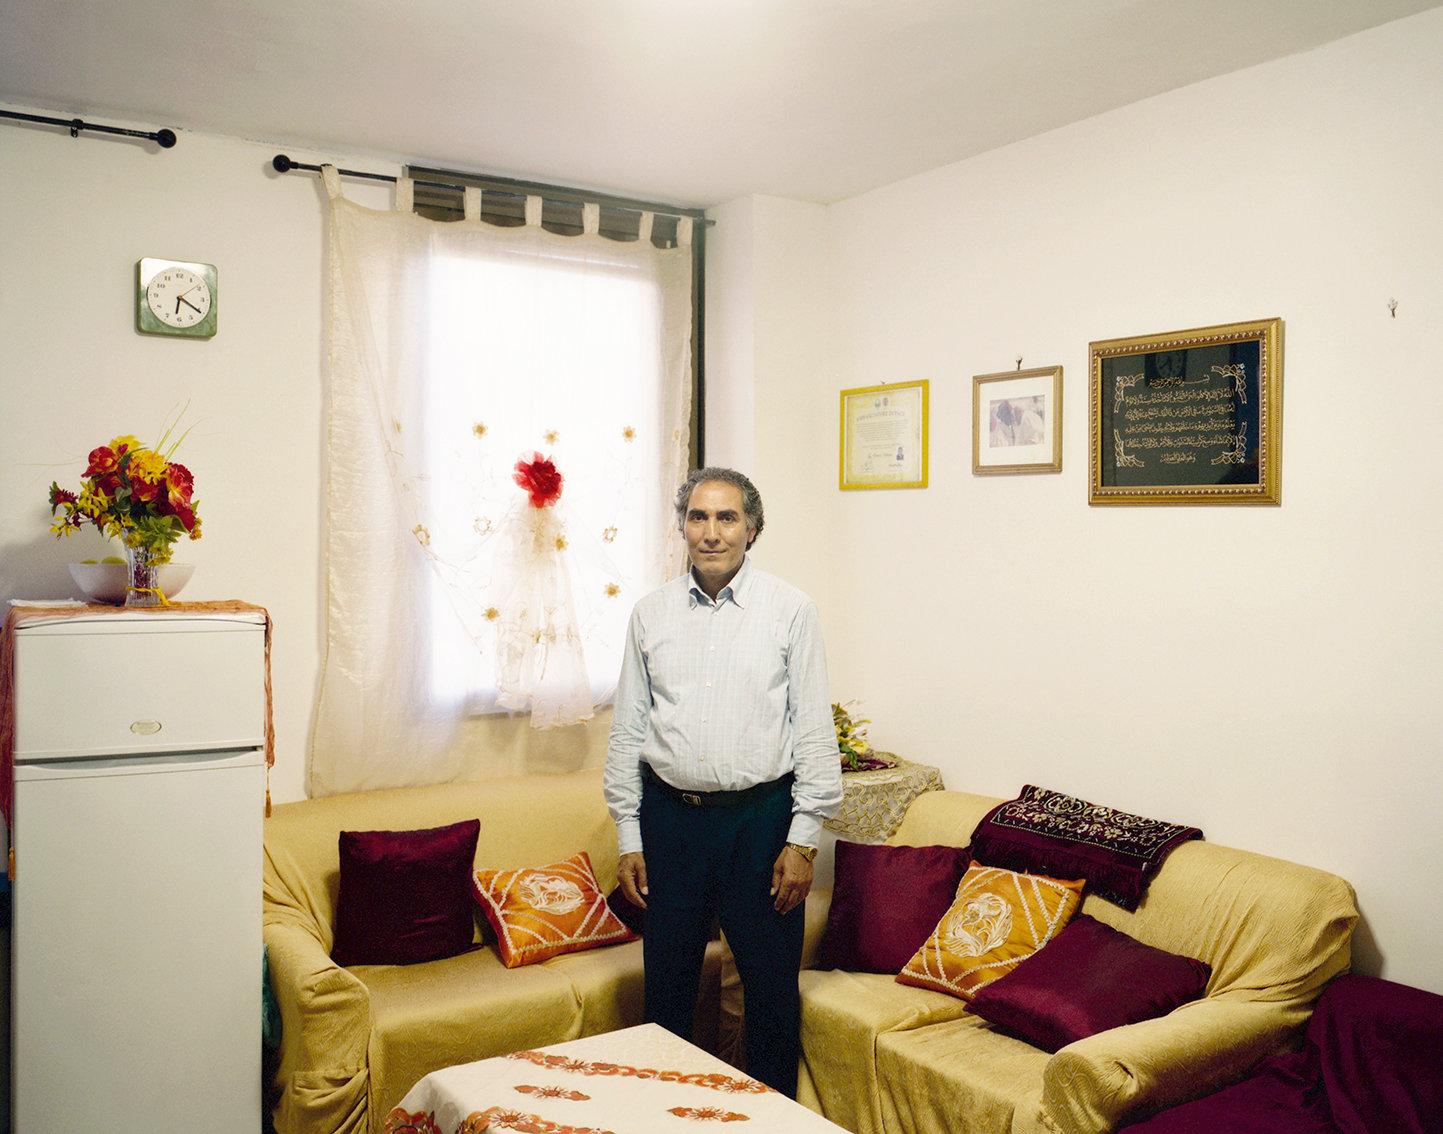 52_Eddaoudi (Home) - You're Welcome 72.jpg